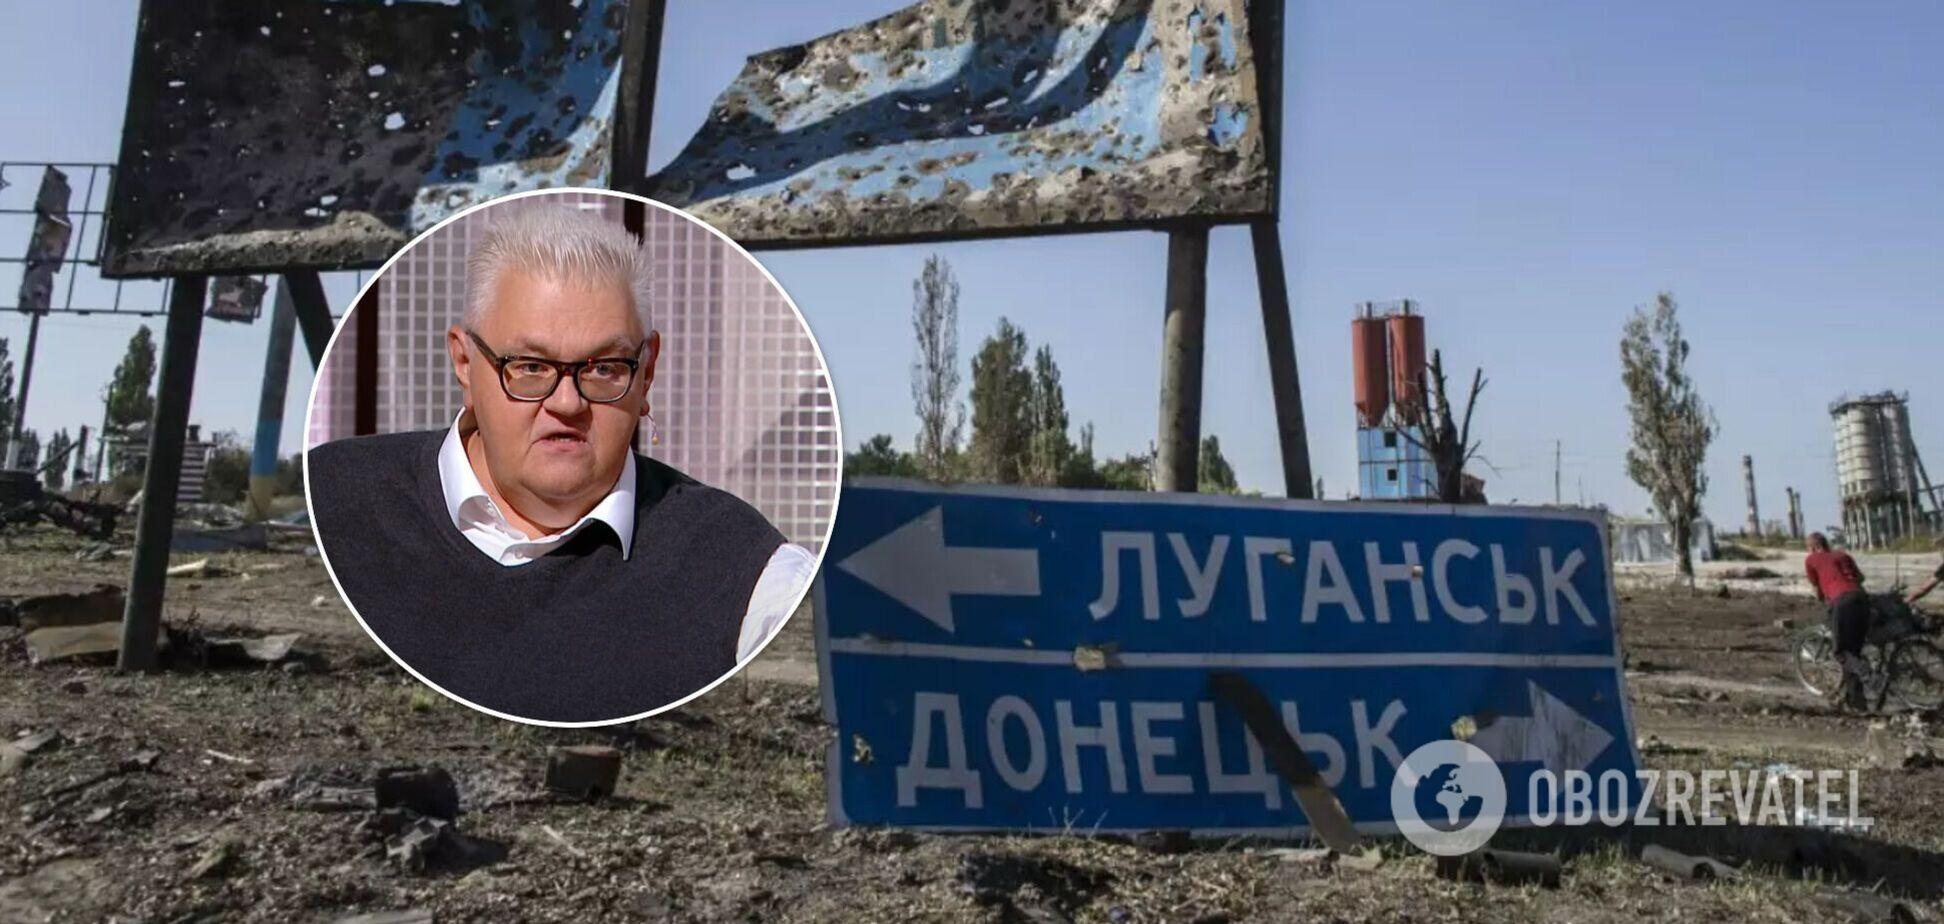 Україна може організувати електронне голосування для громадян в ОРДЛО, – Сивохо